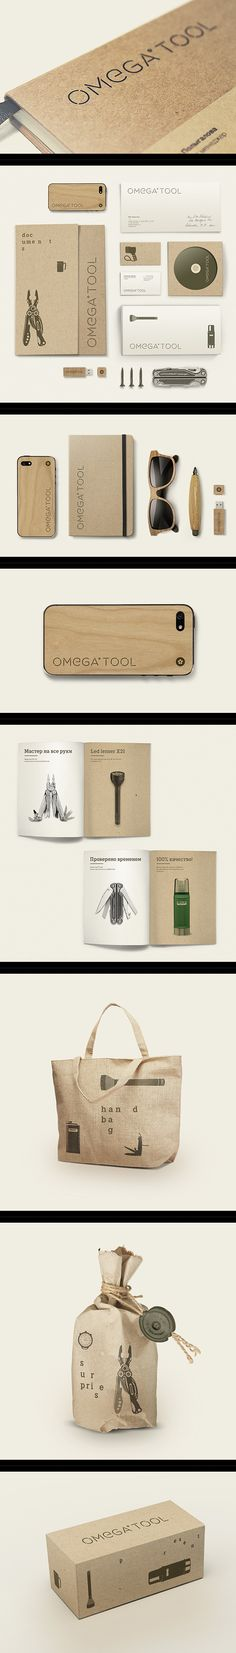 Omega tool branding on Behance